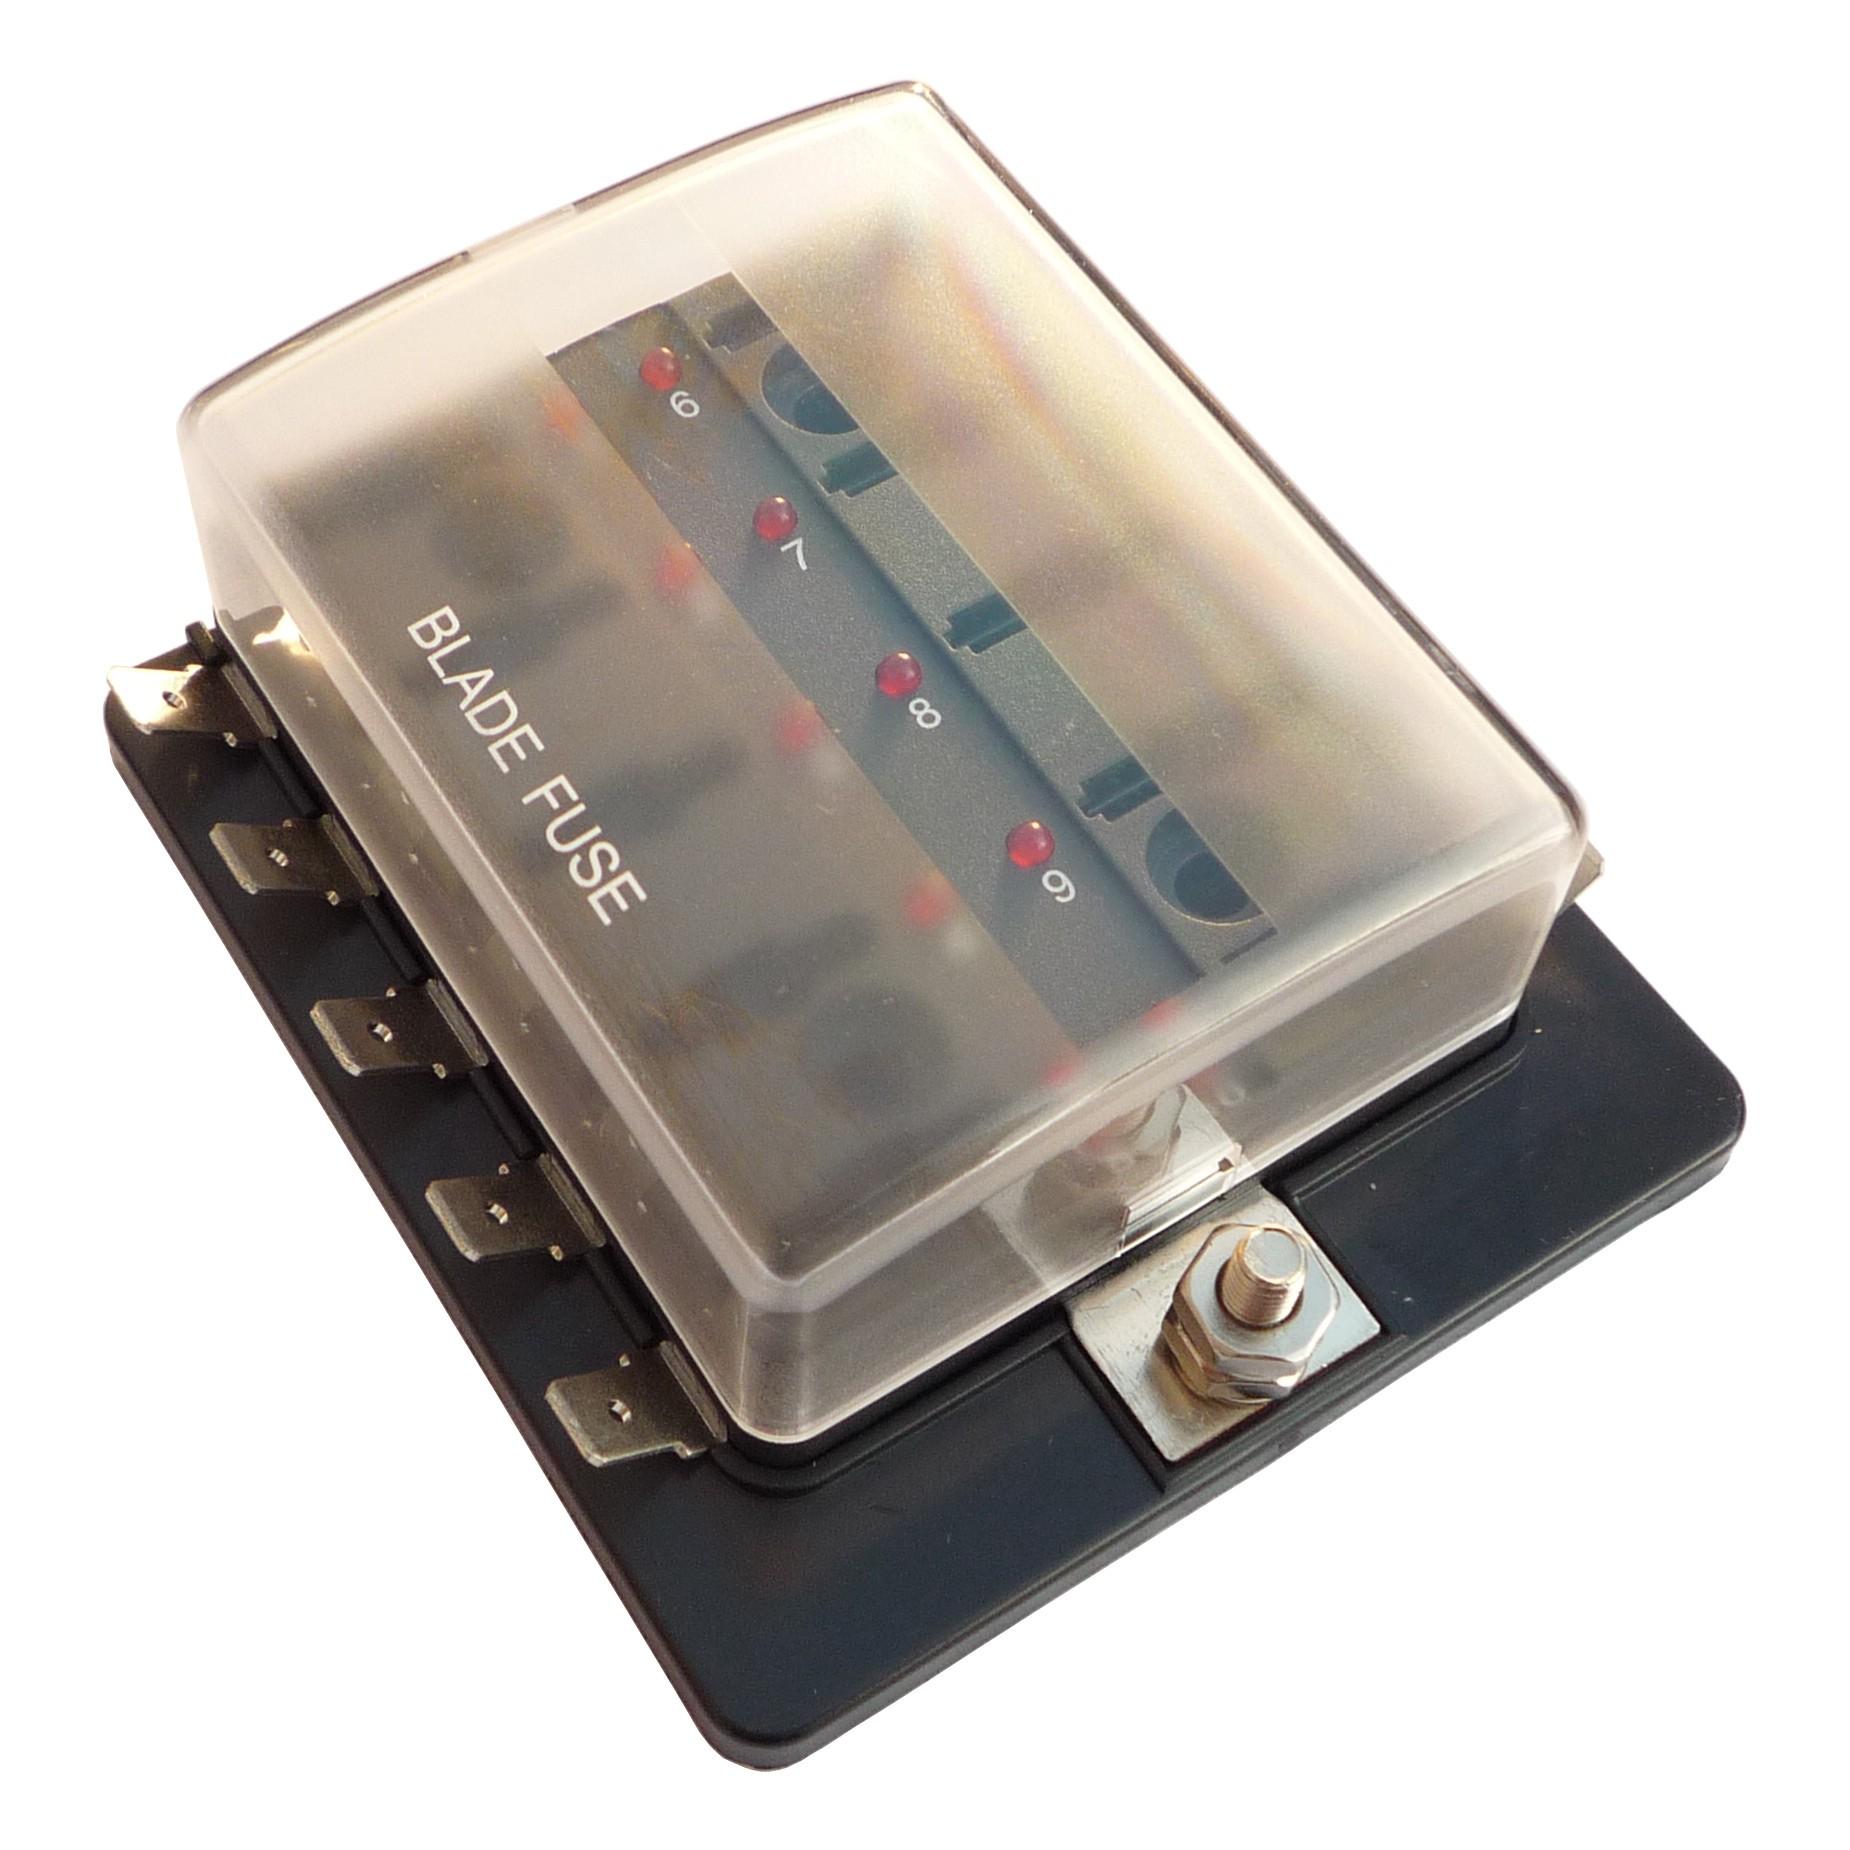 Steekzekeringhouder met LED ATO met afdekkap voor 10 zekeringen